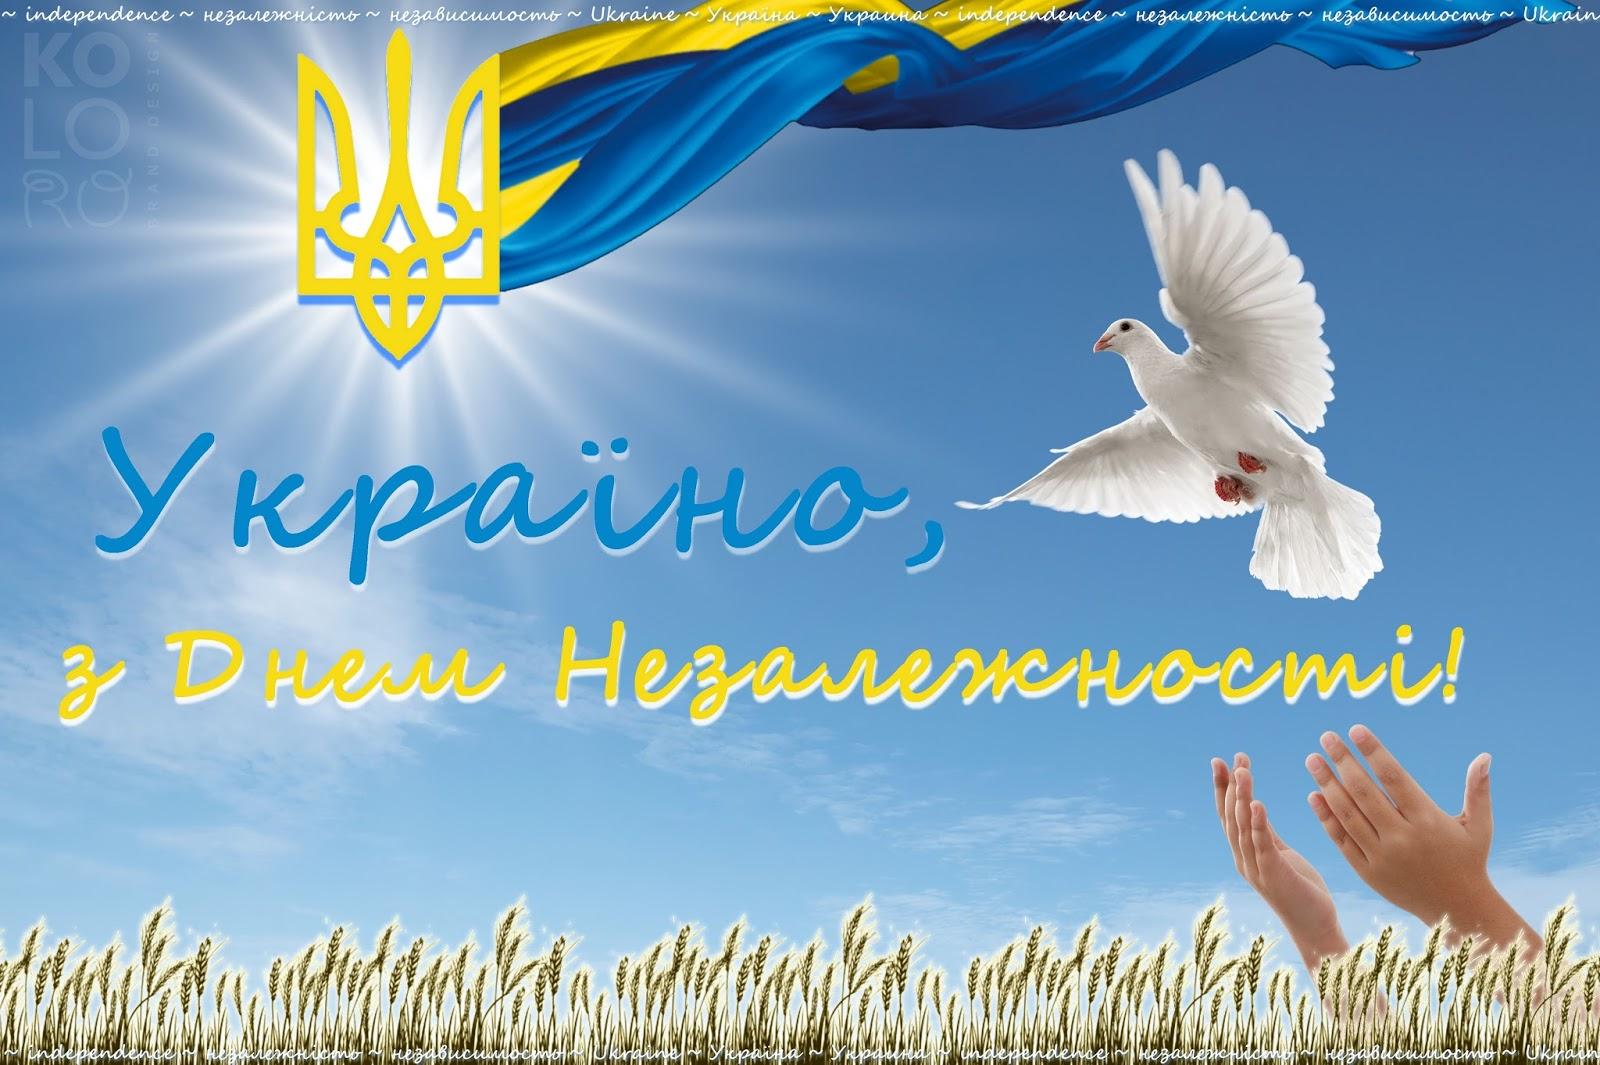 Поздравления с Днем независимости Украины: в прозе, стихах 21